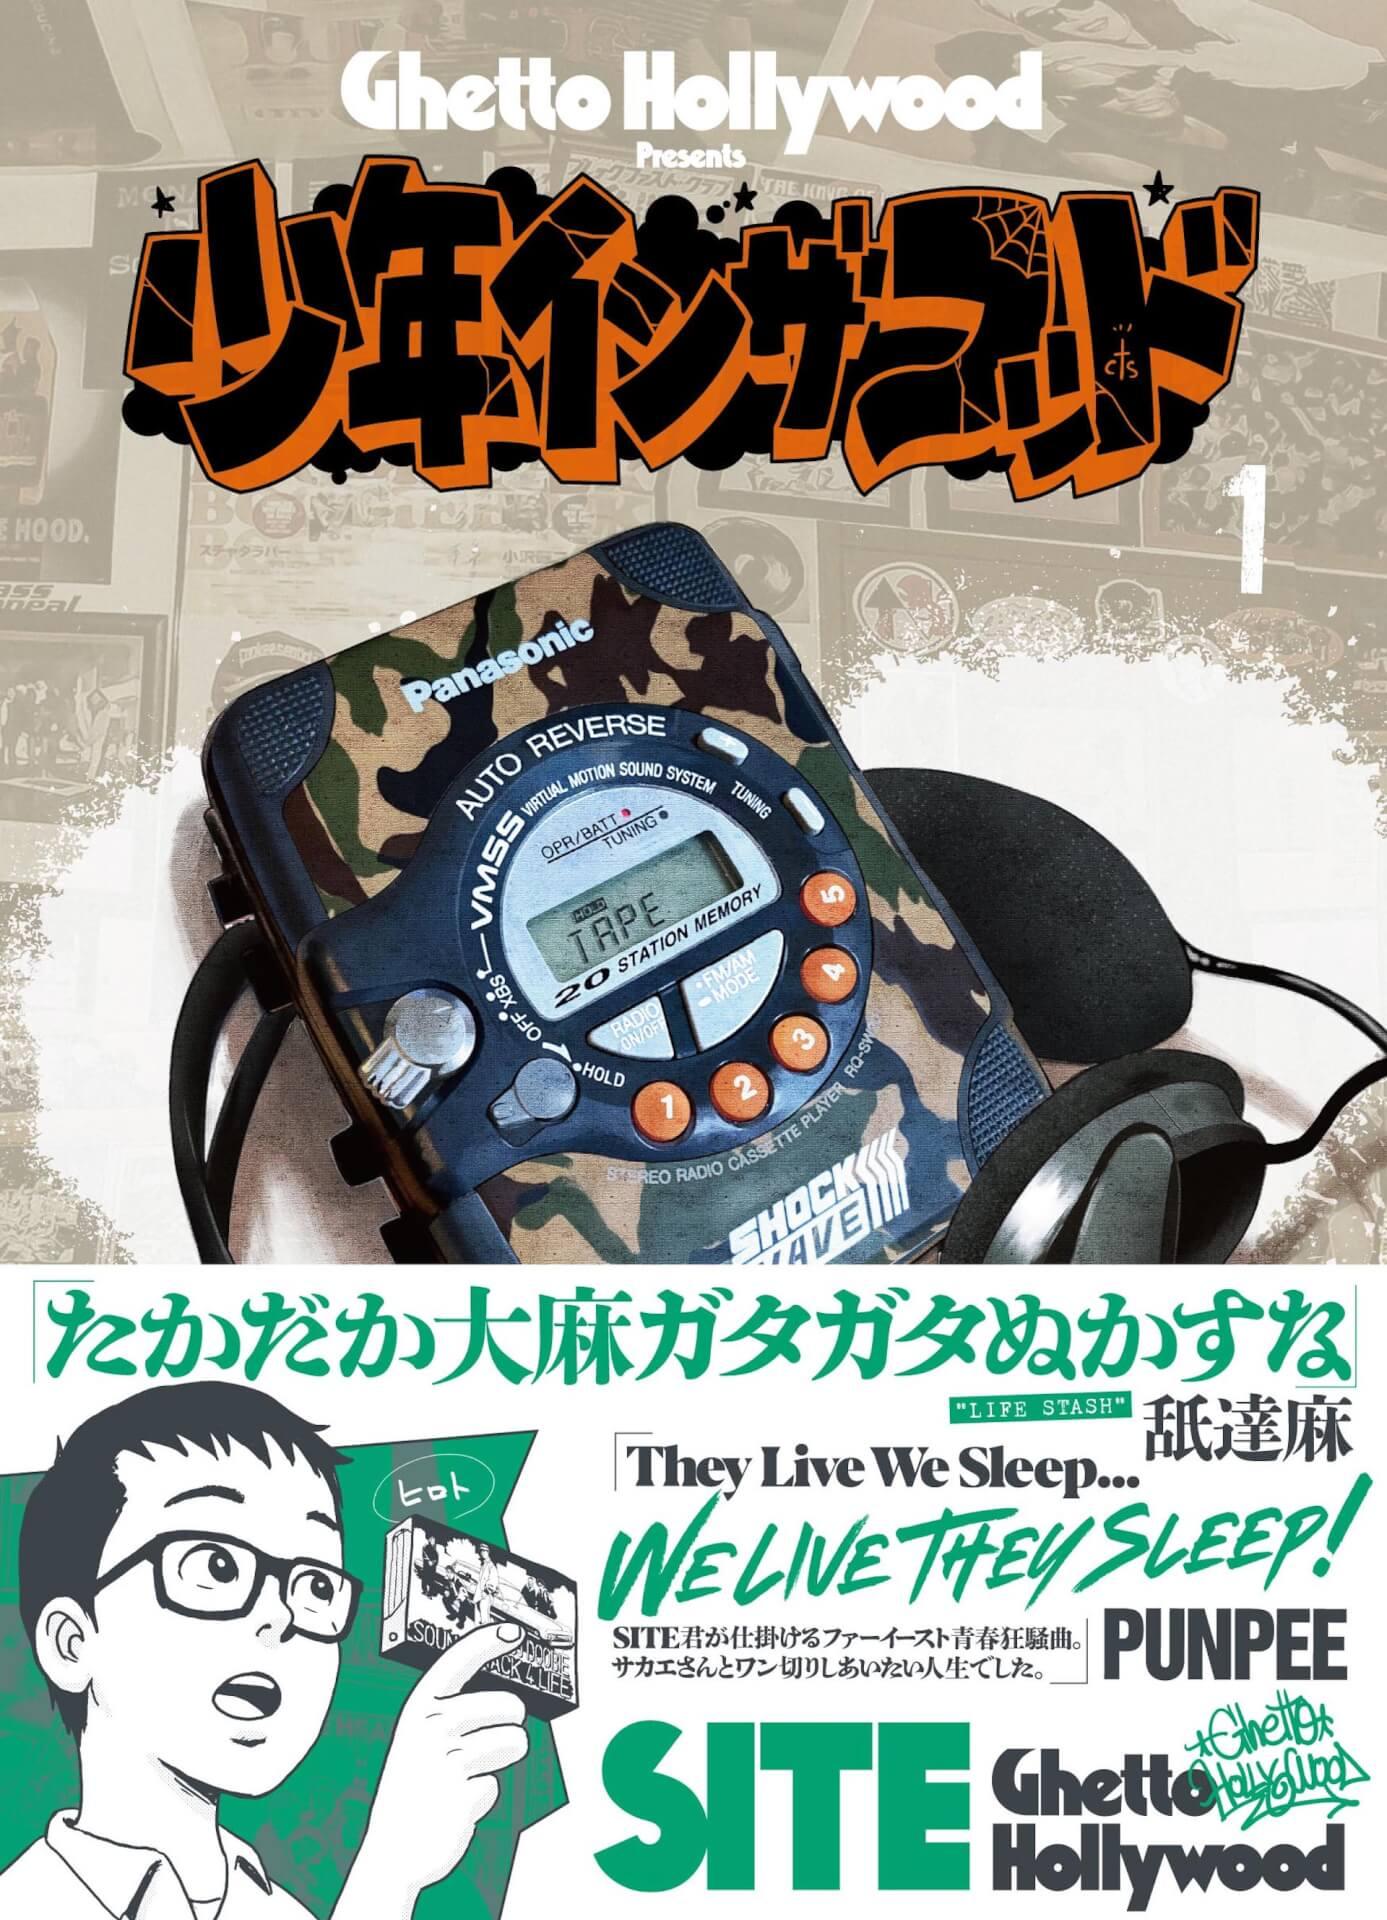 Ghetto HollywoodことSITEによるマンガ『少年イン・ザ・フッド』単行本1巻が発売決定!PUNPEE&舐達麻の帯コメントにも注目 art200731_site_comic_1